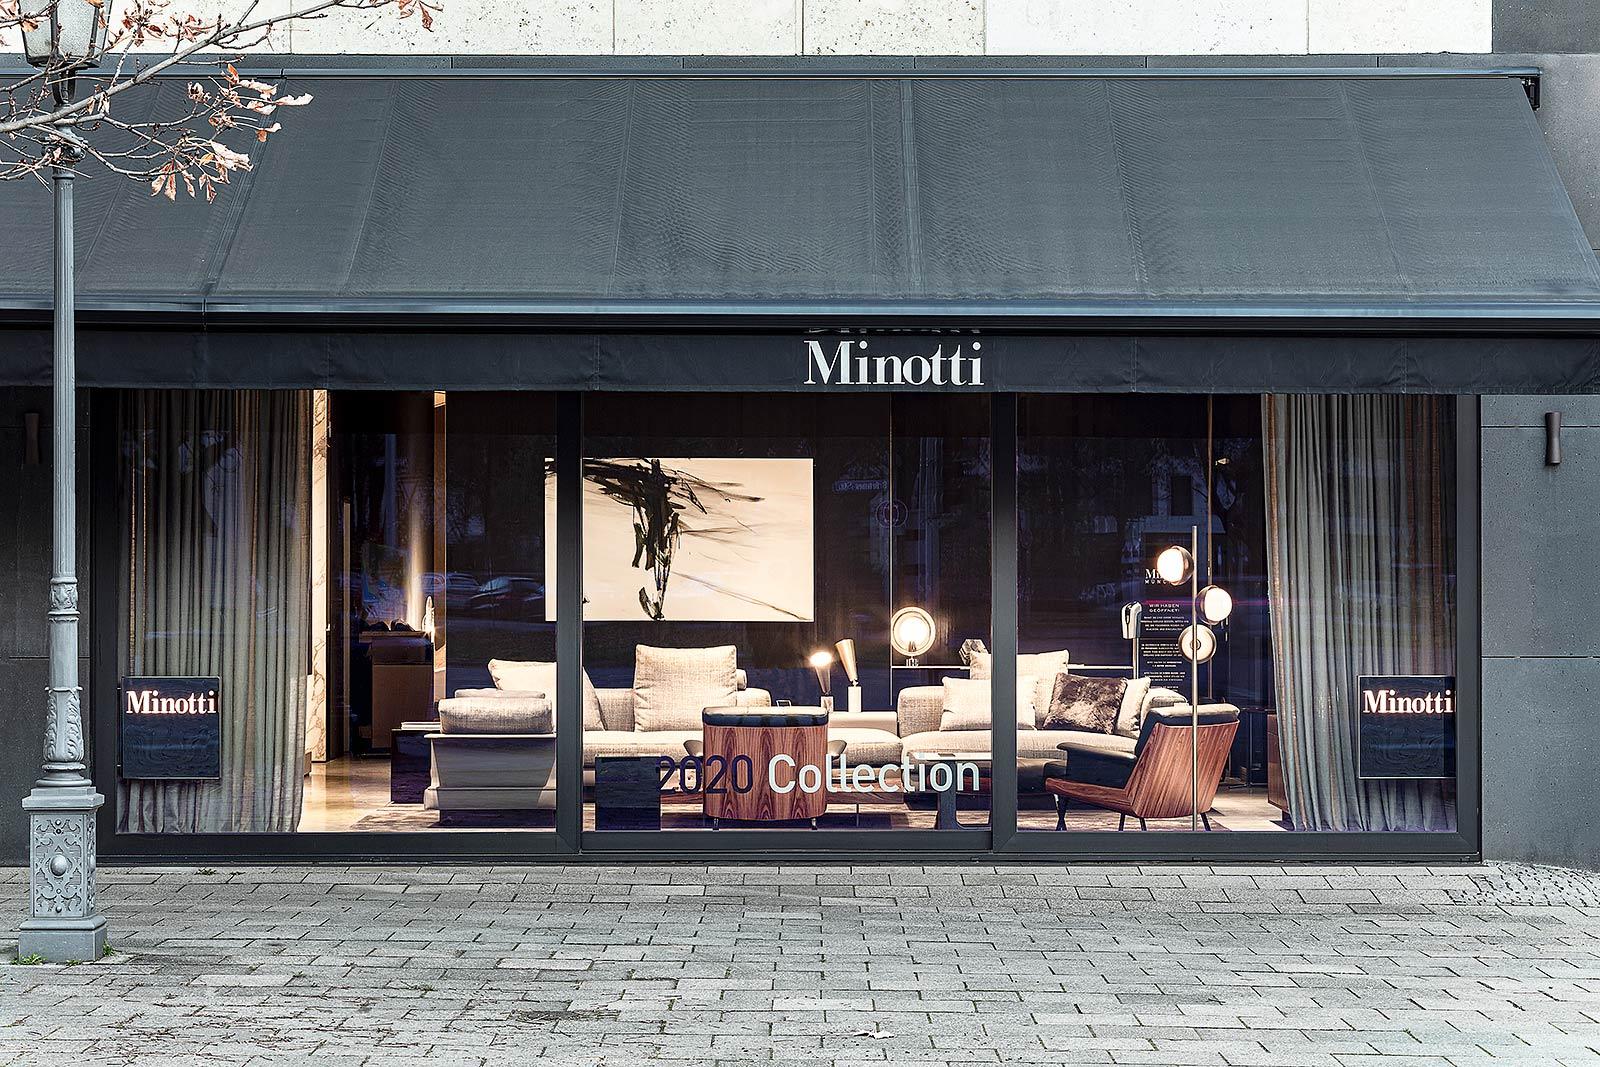 Architektur Aussenaufnahme Fotografie am Abend, Minotti Store in Munich